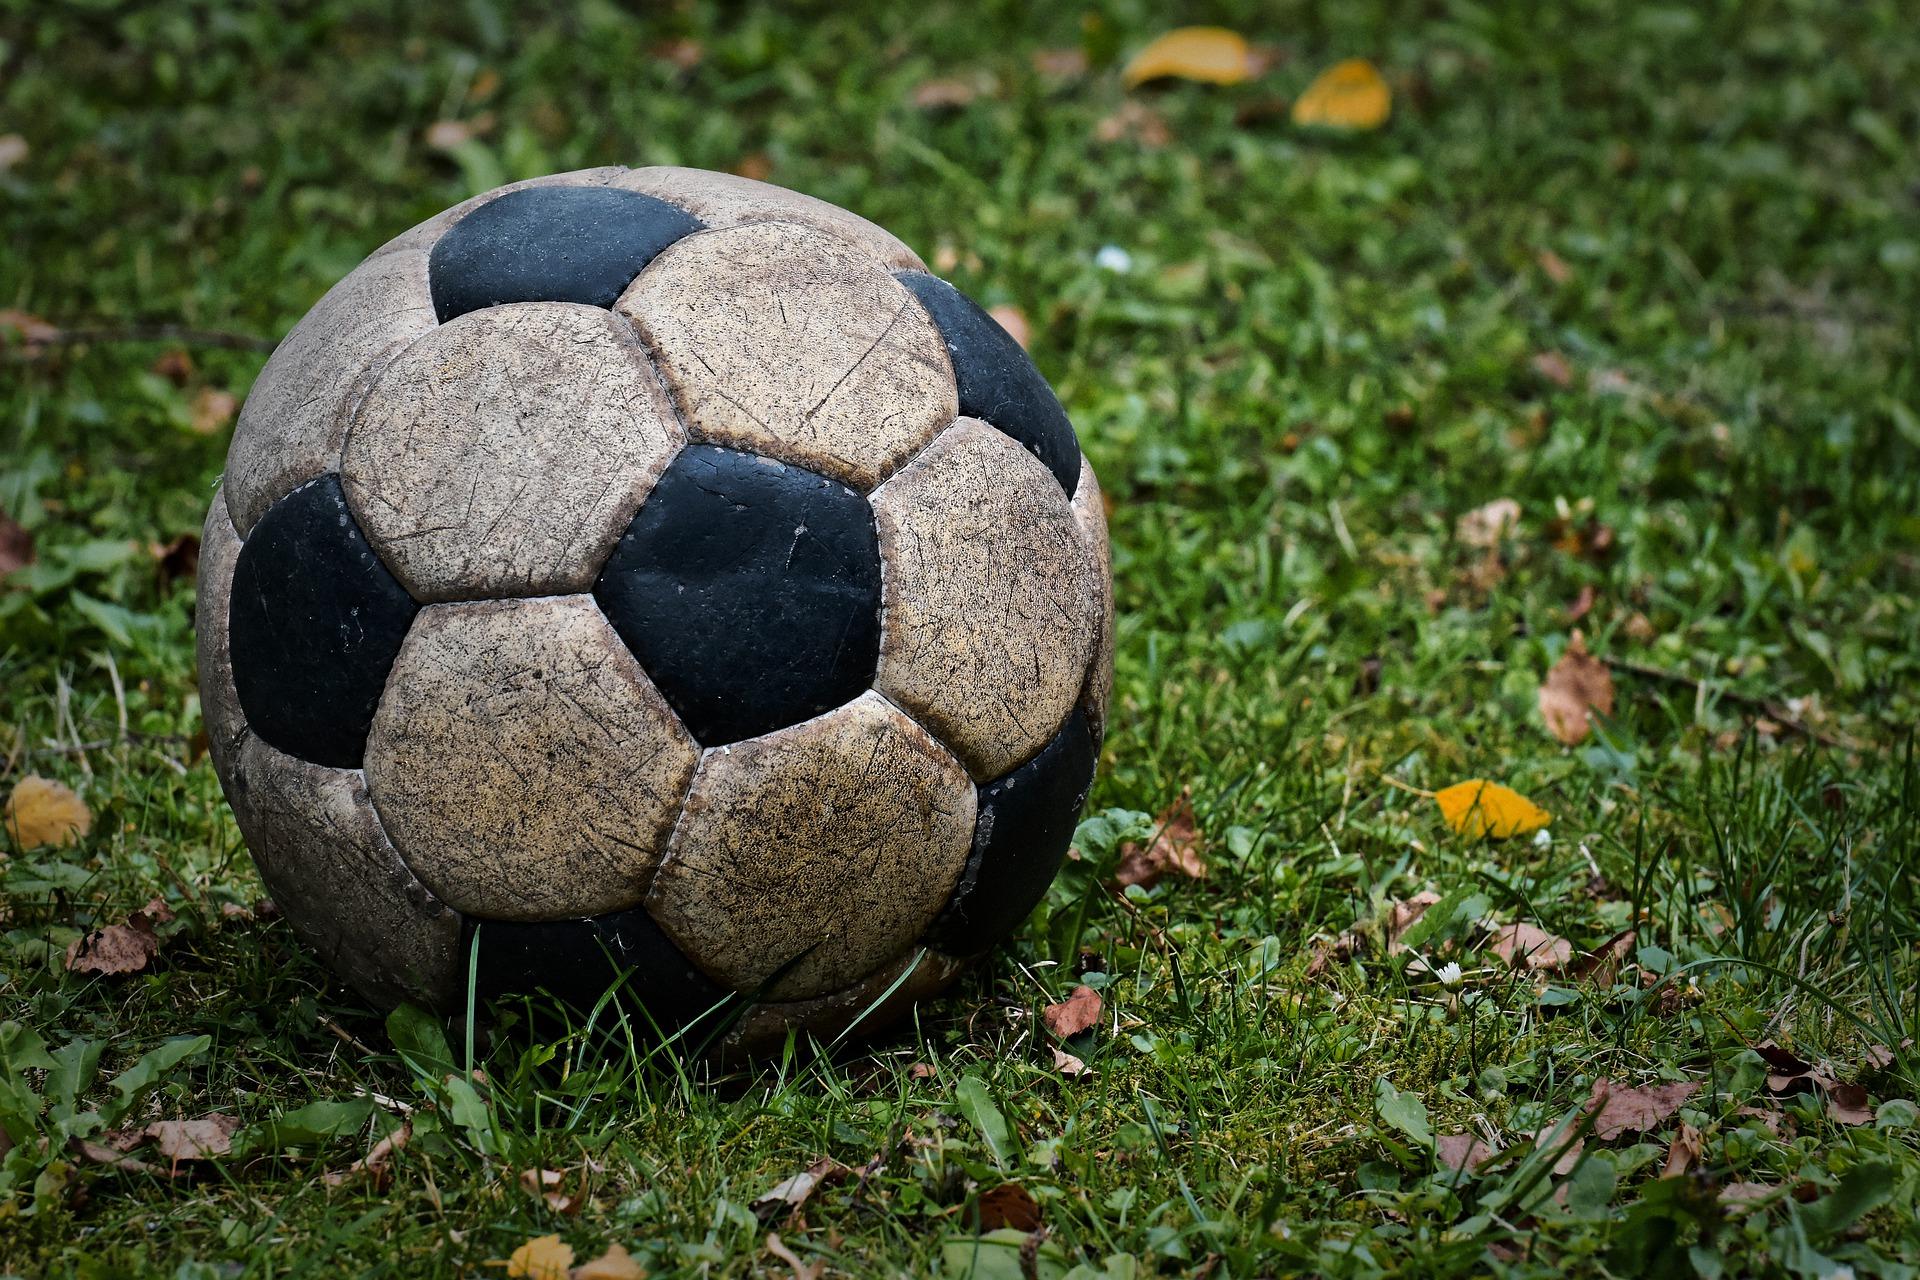 【ドイツサッカー留学】ドイツ人のサッカーの特徴